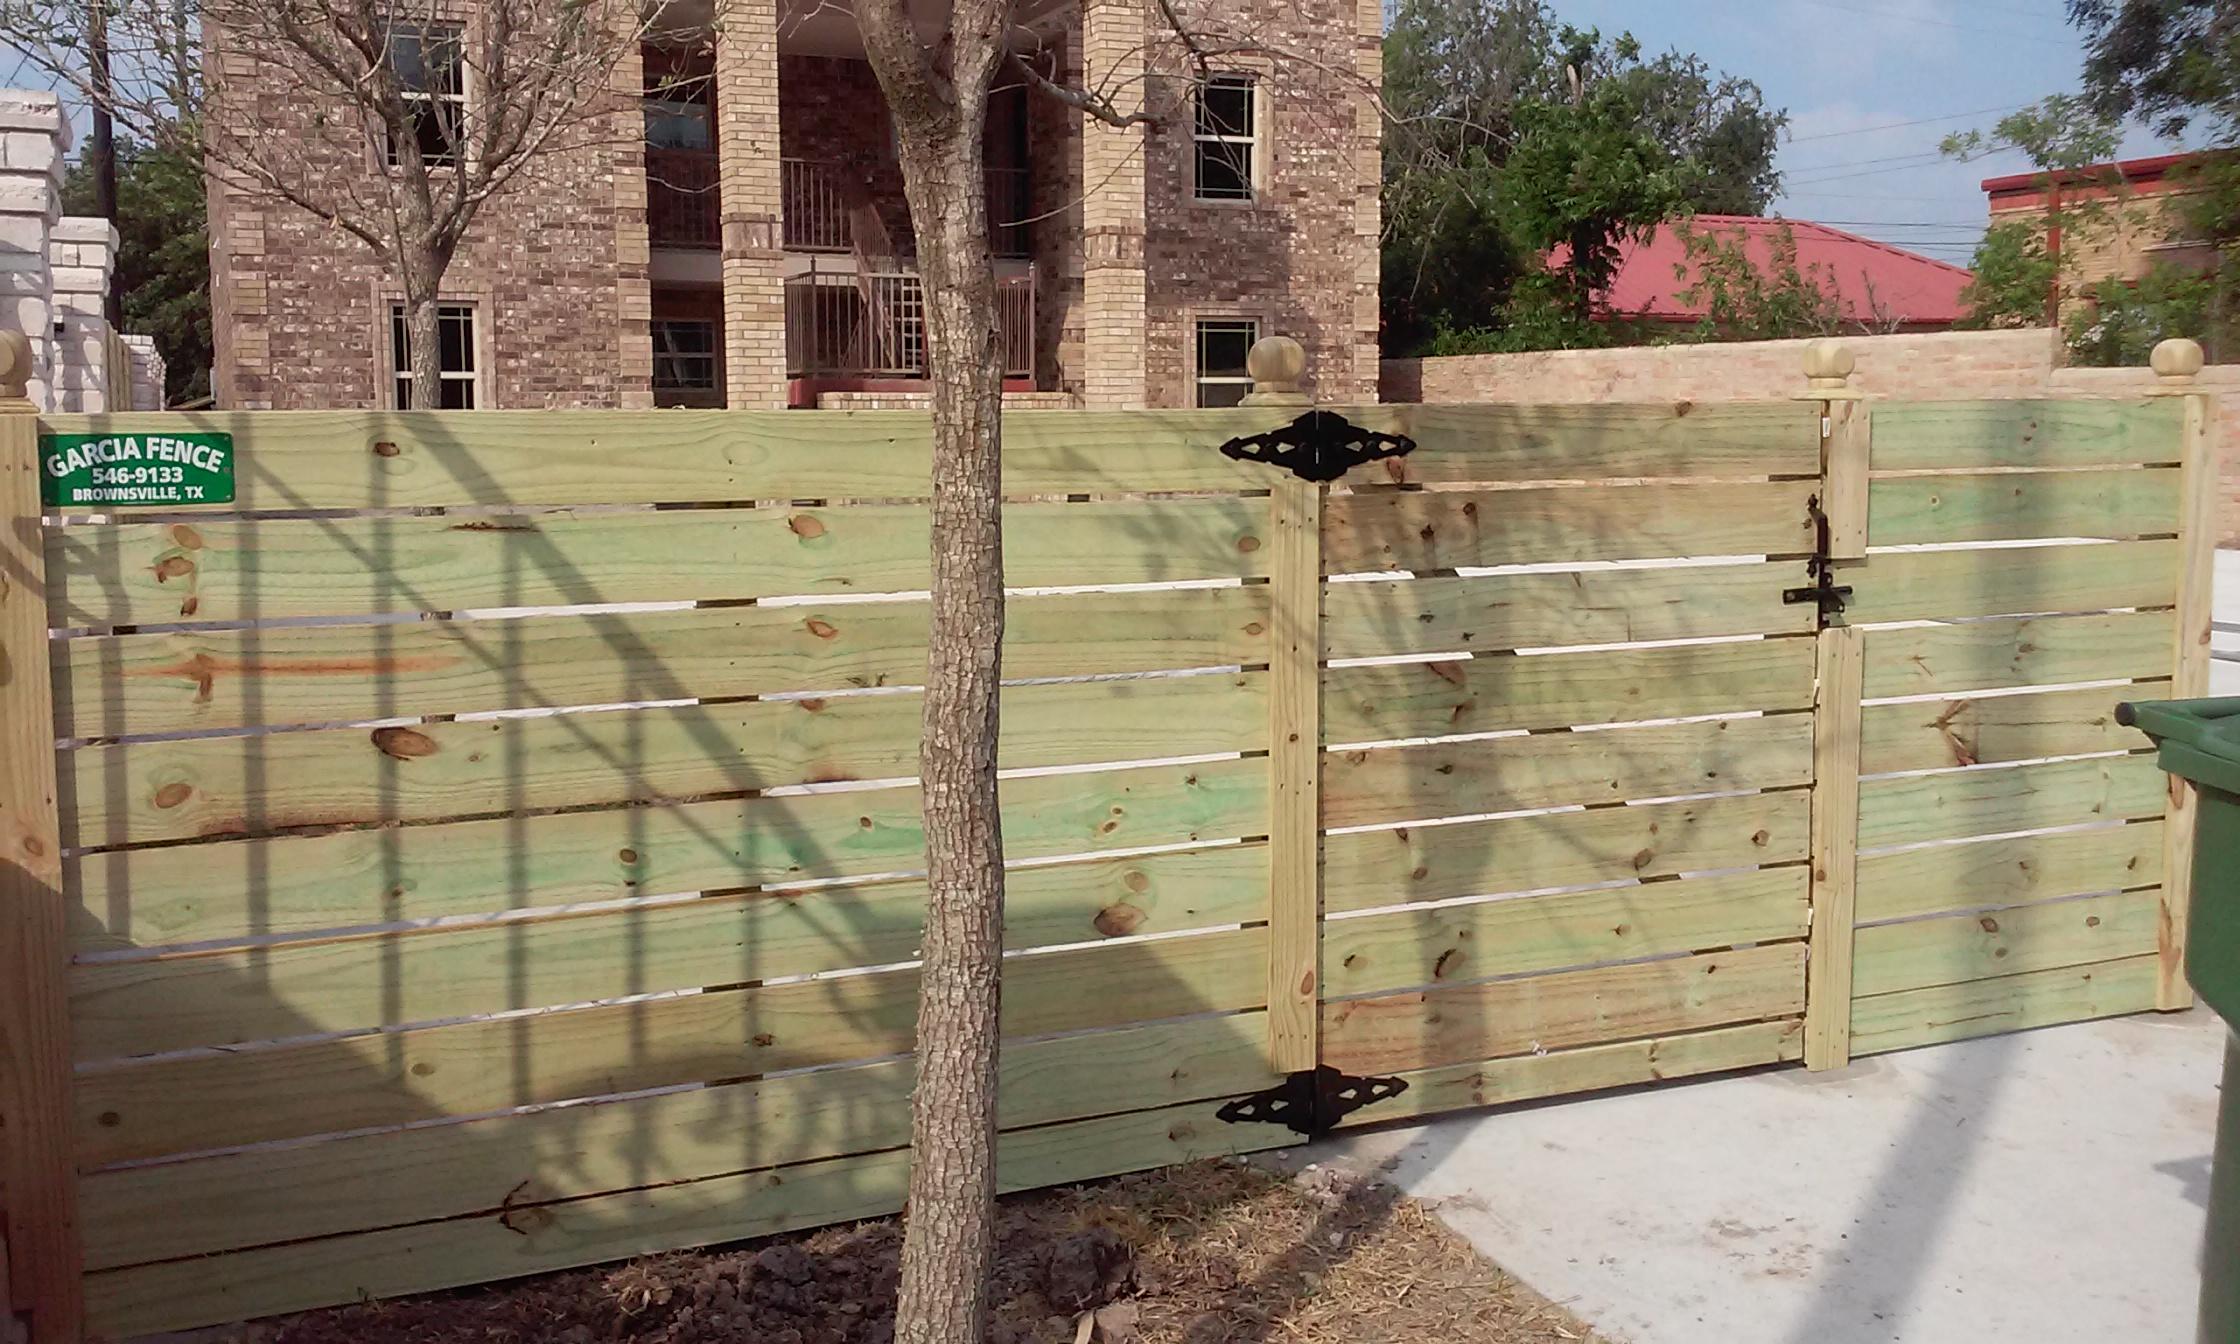 Garcia Fence image 6